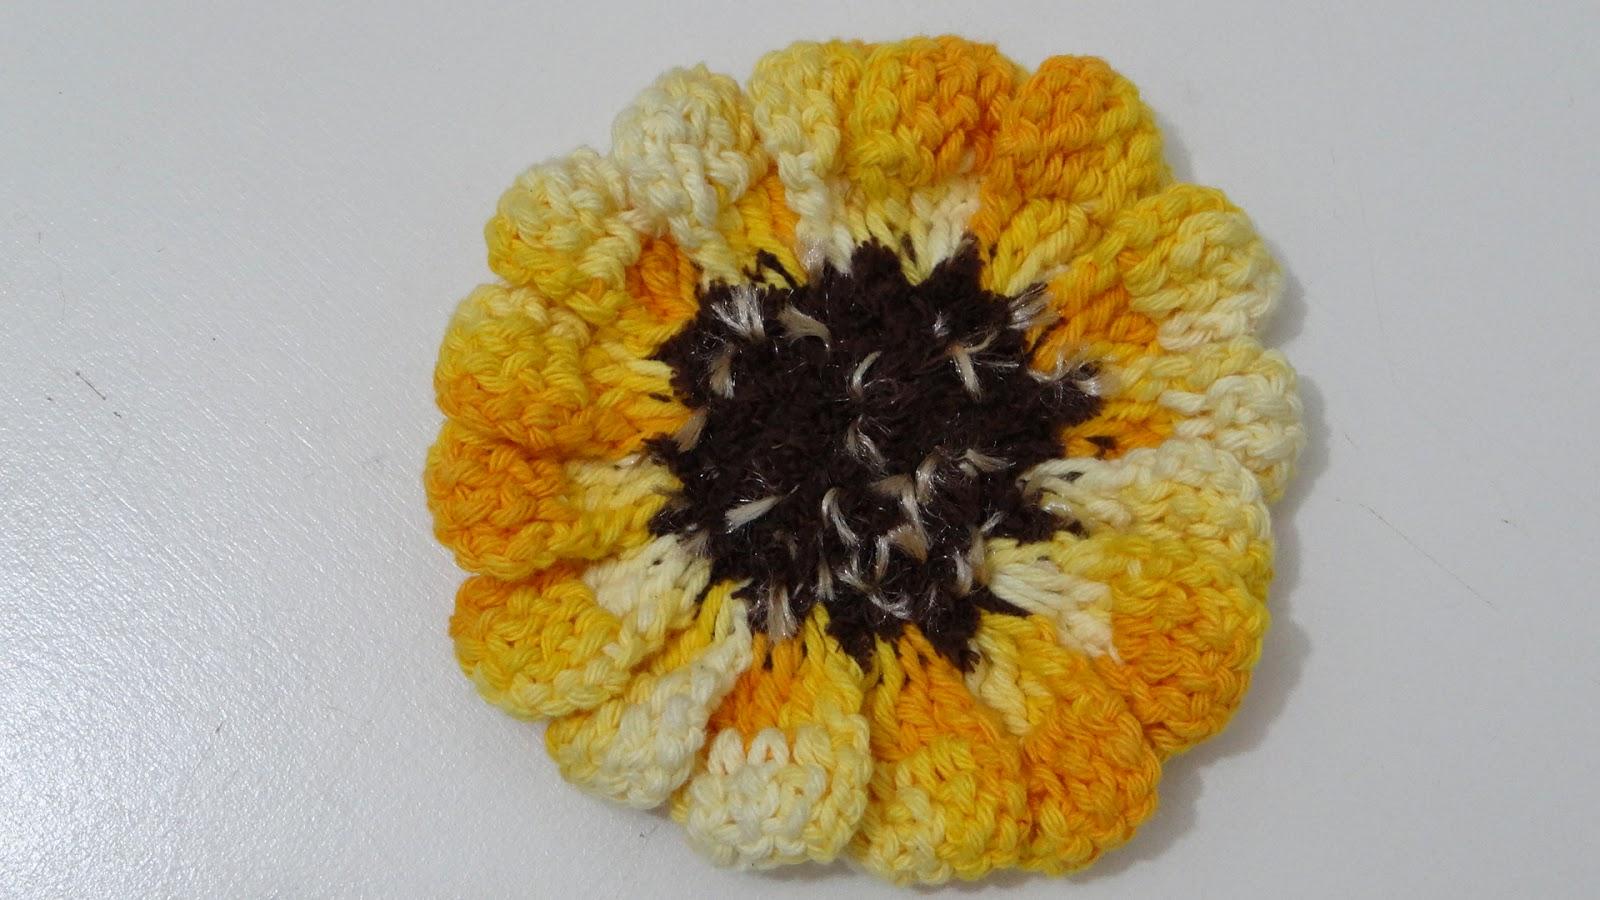 ateli do barbante passo a passo flor em croch   mini